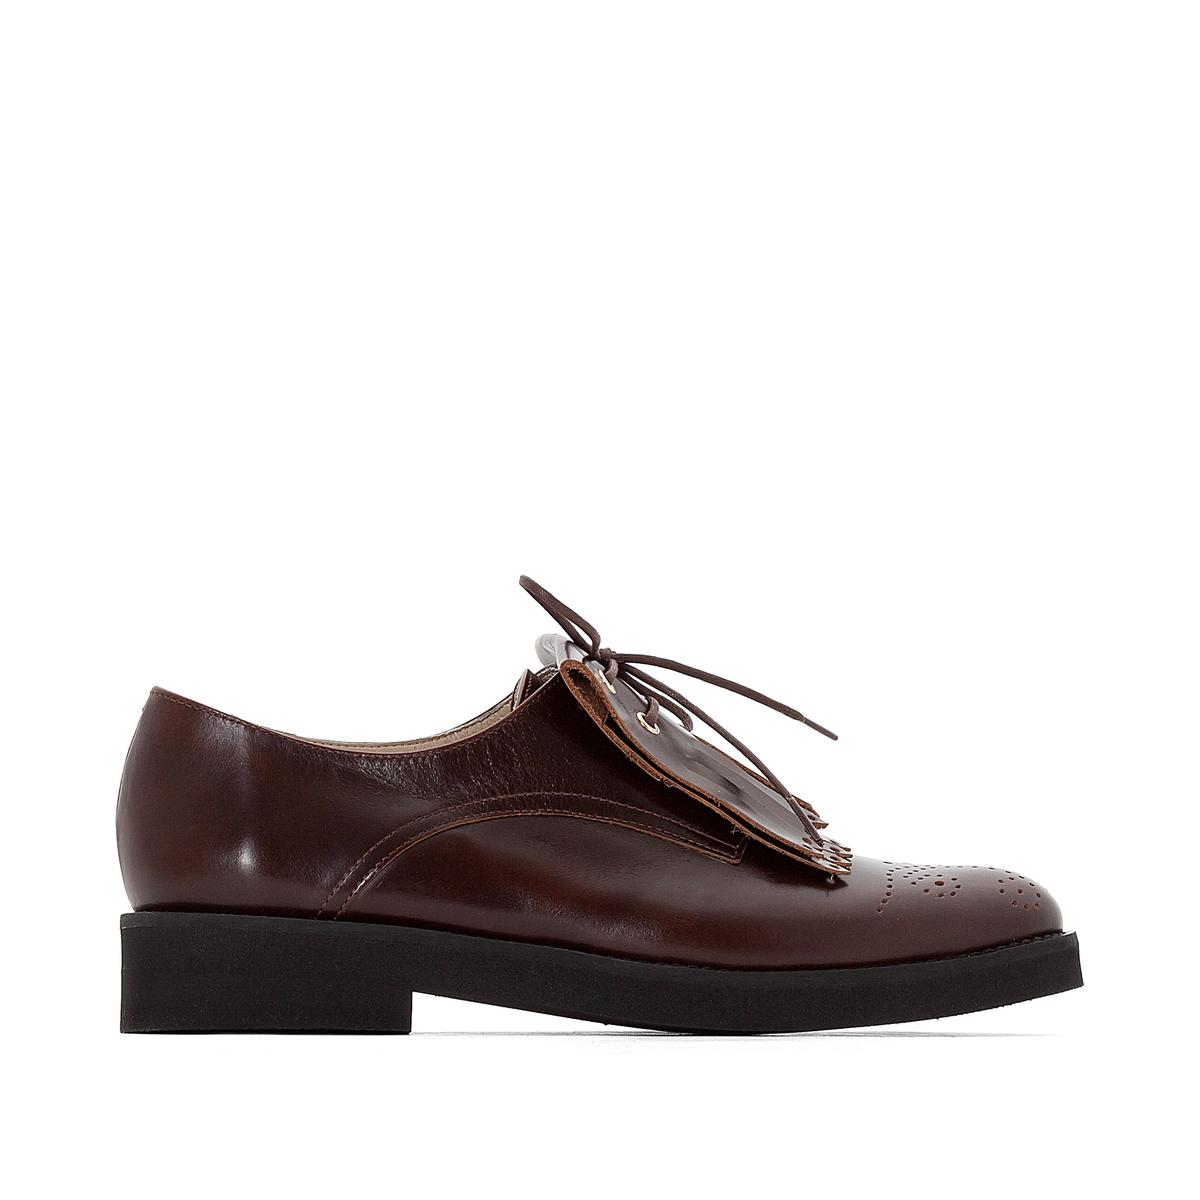 Ботинки-дерби из кожи с мексиканской планкой